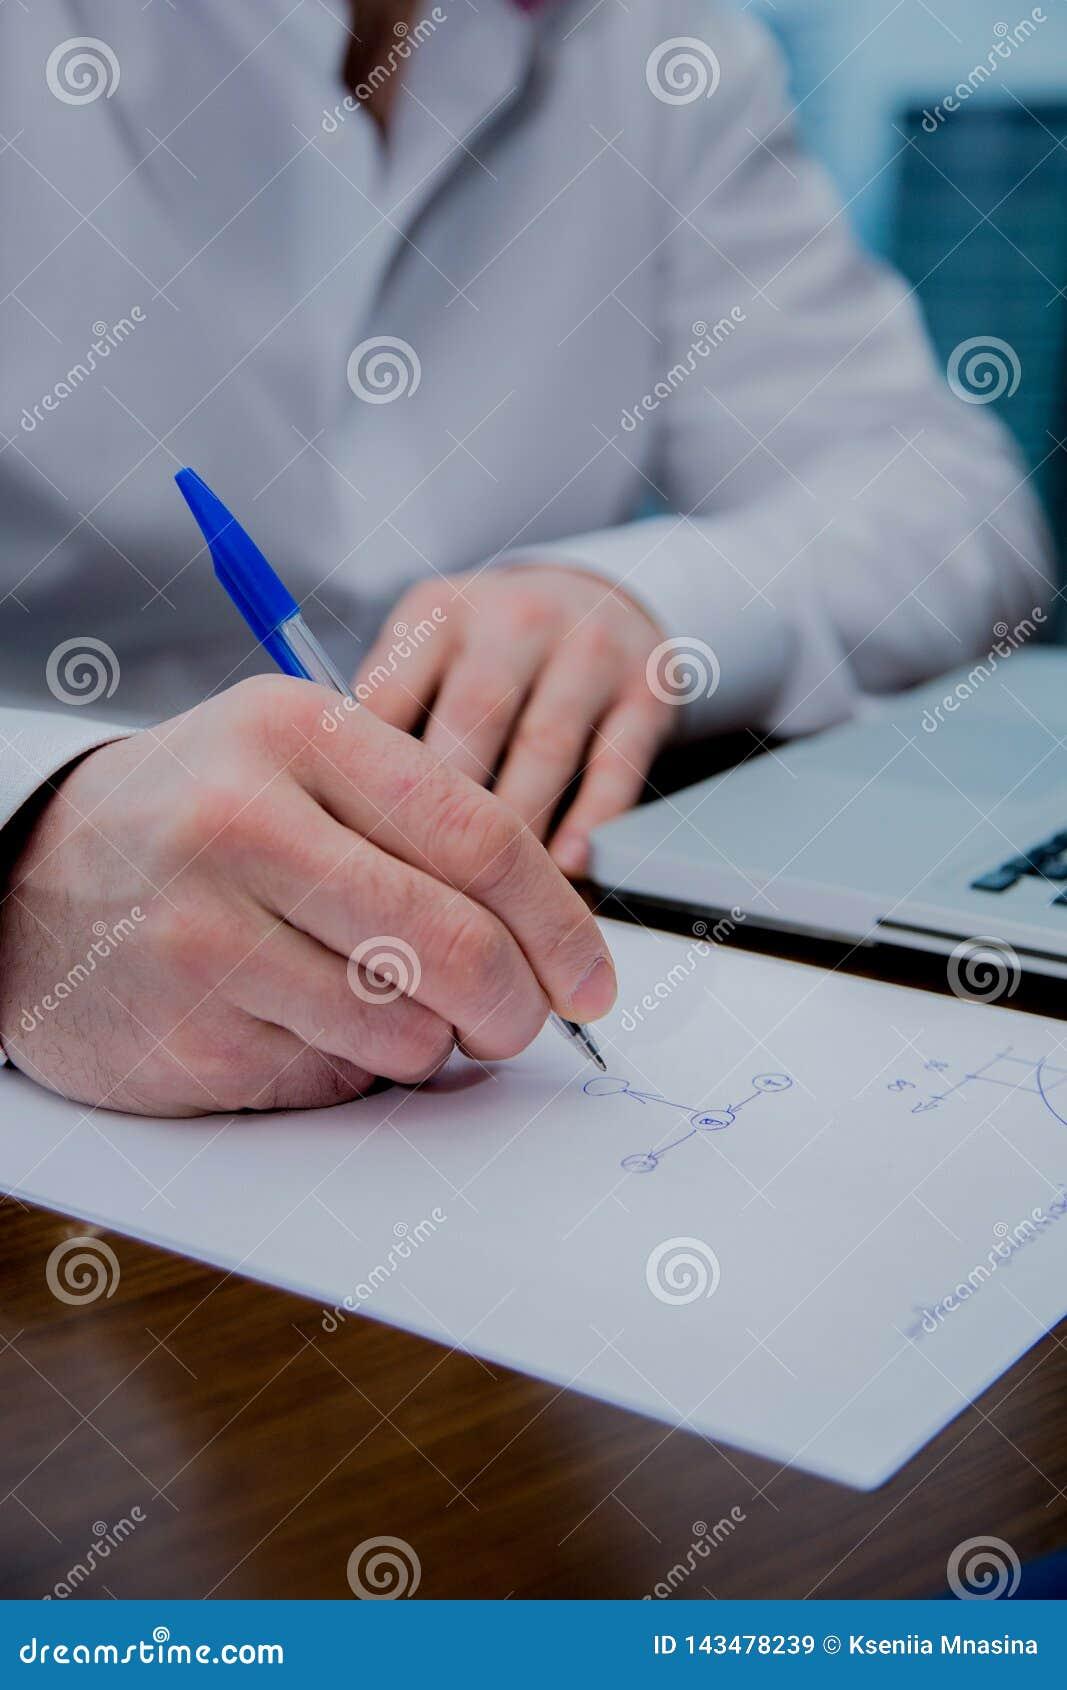 Um homem escreve com uma pena em uma folha de papel, computador visível